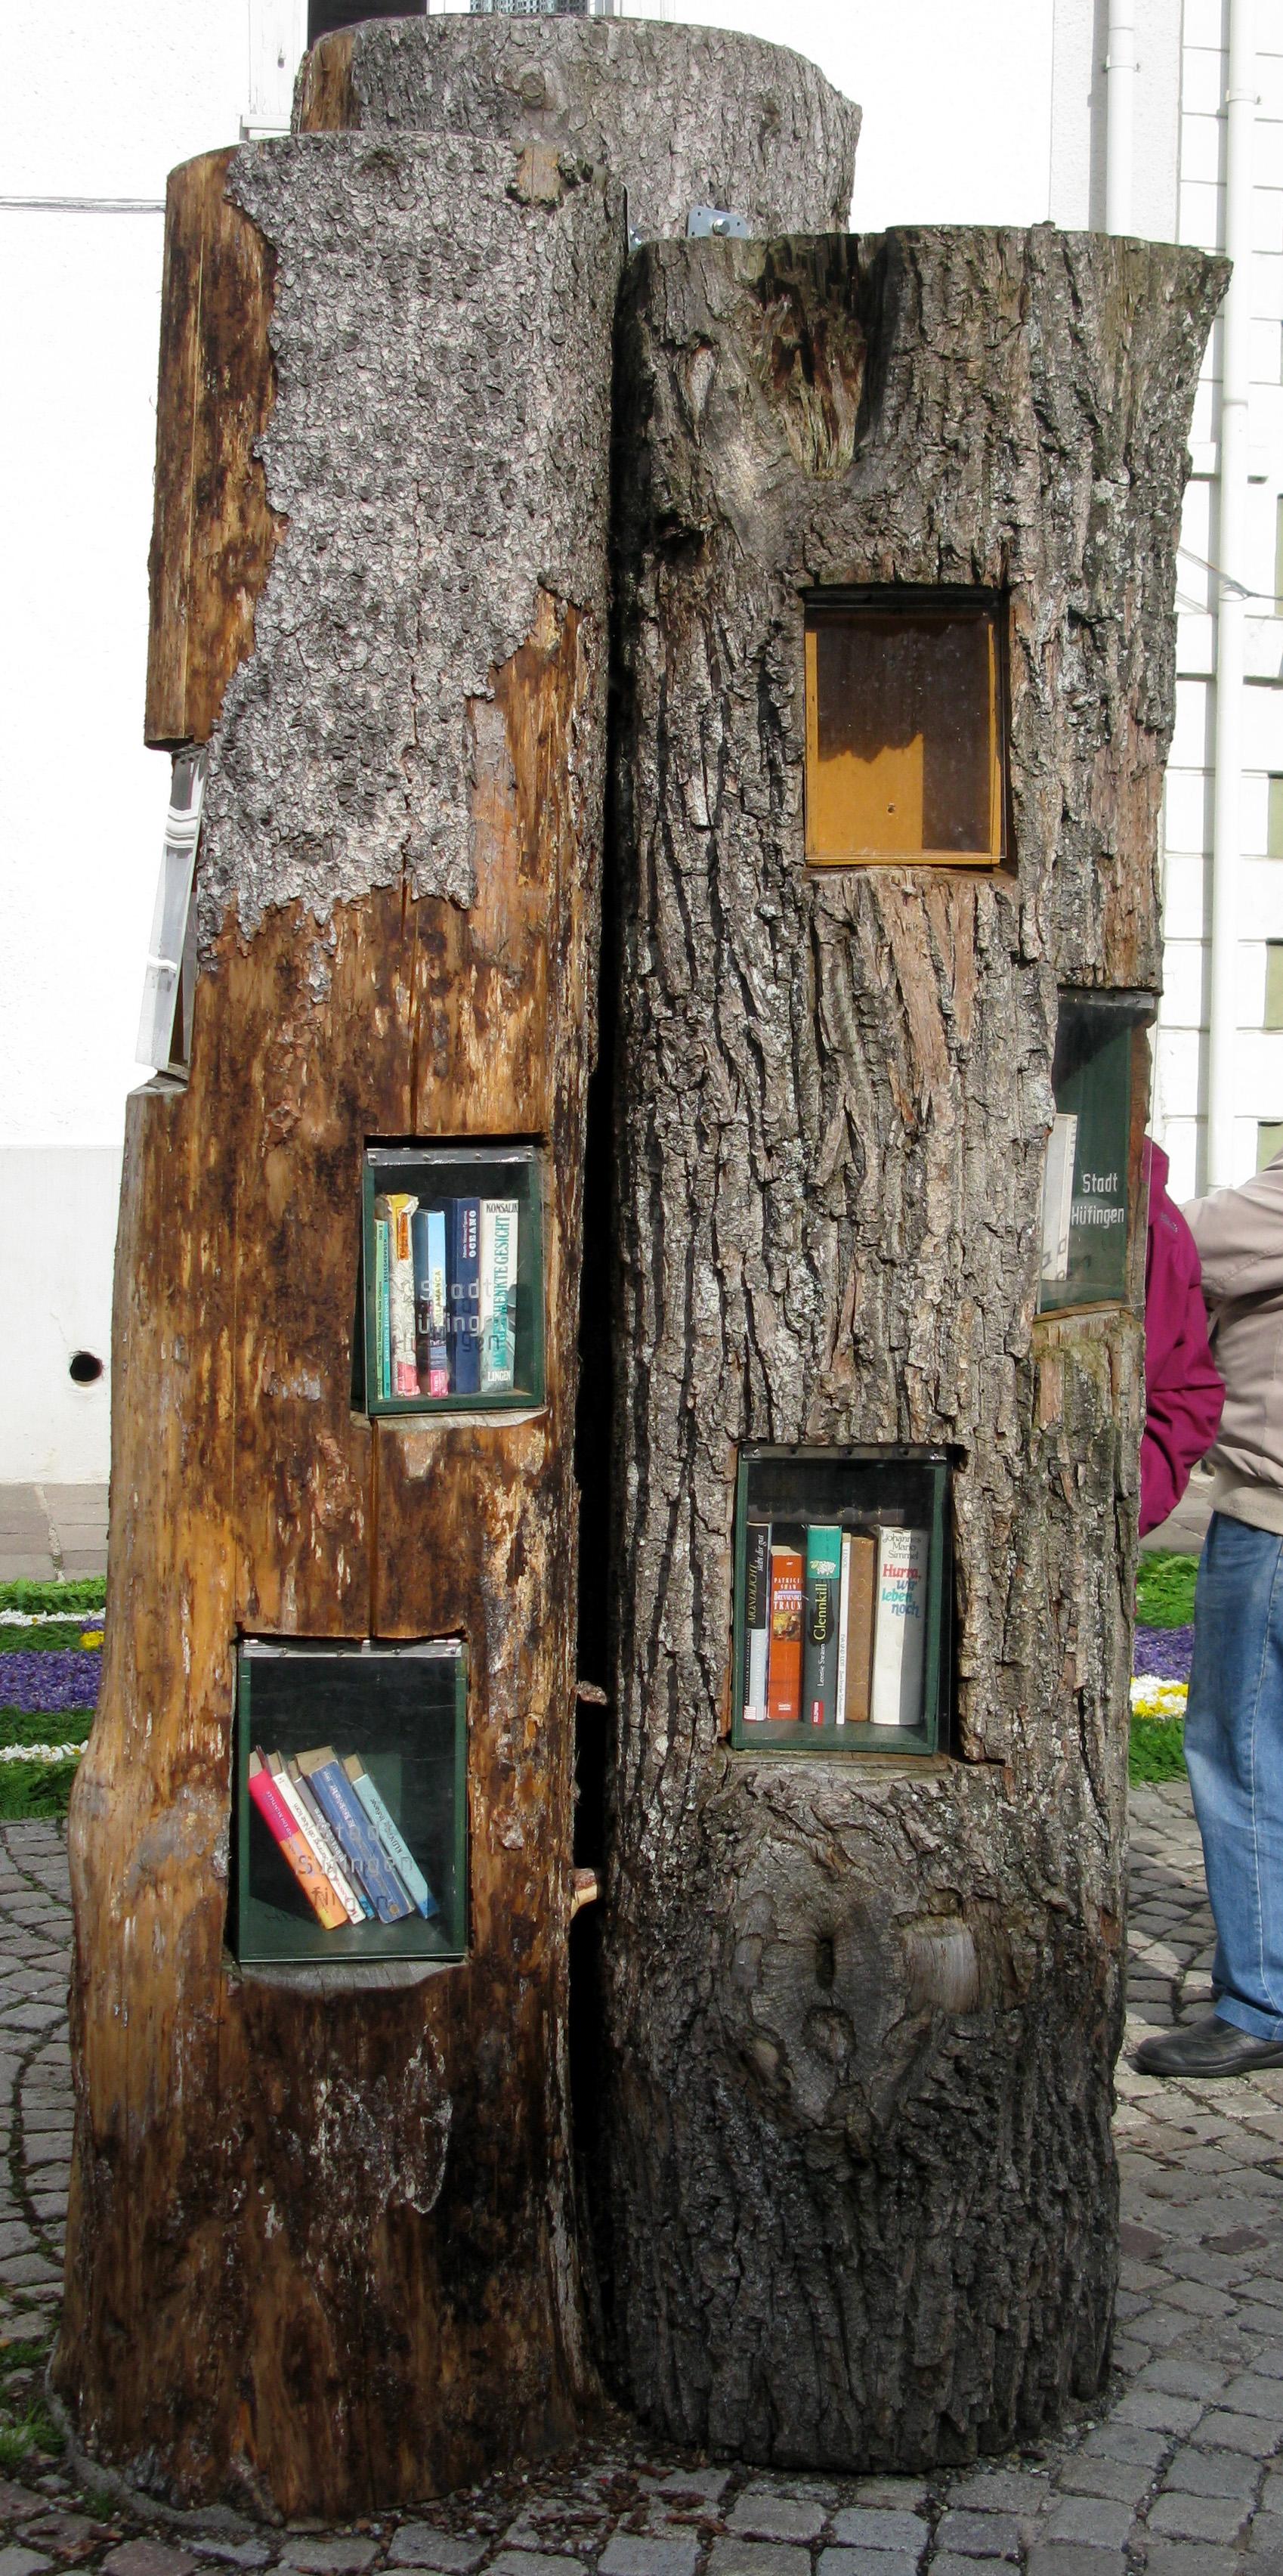 Öffentliches Bücherregal.jpg